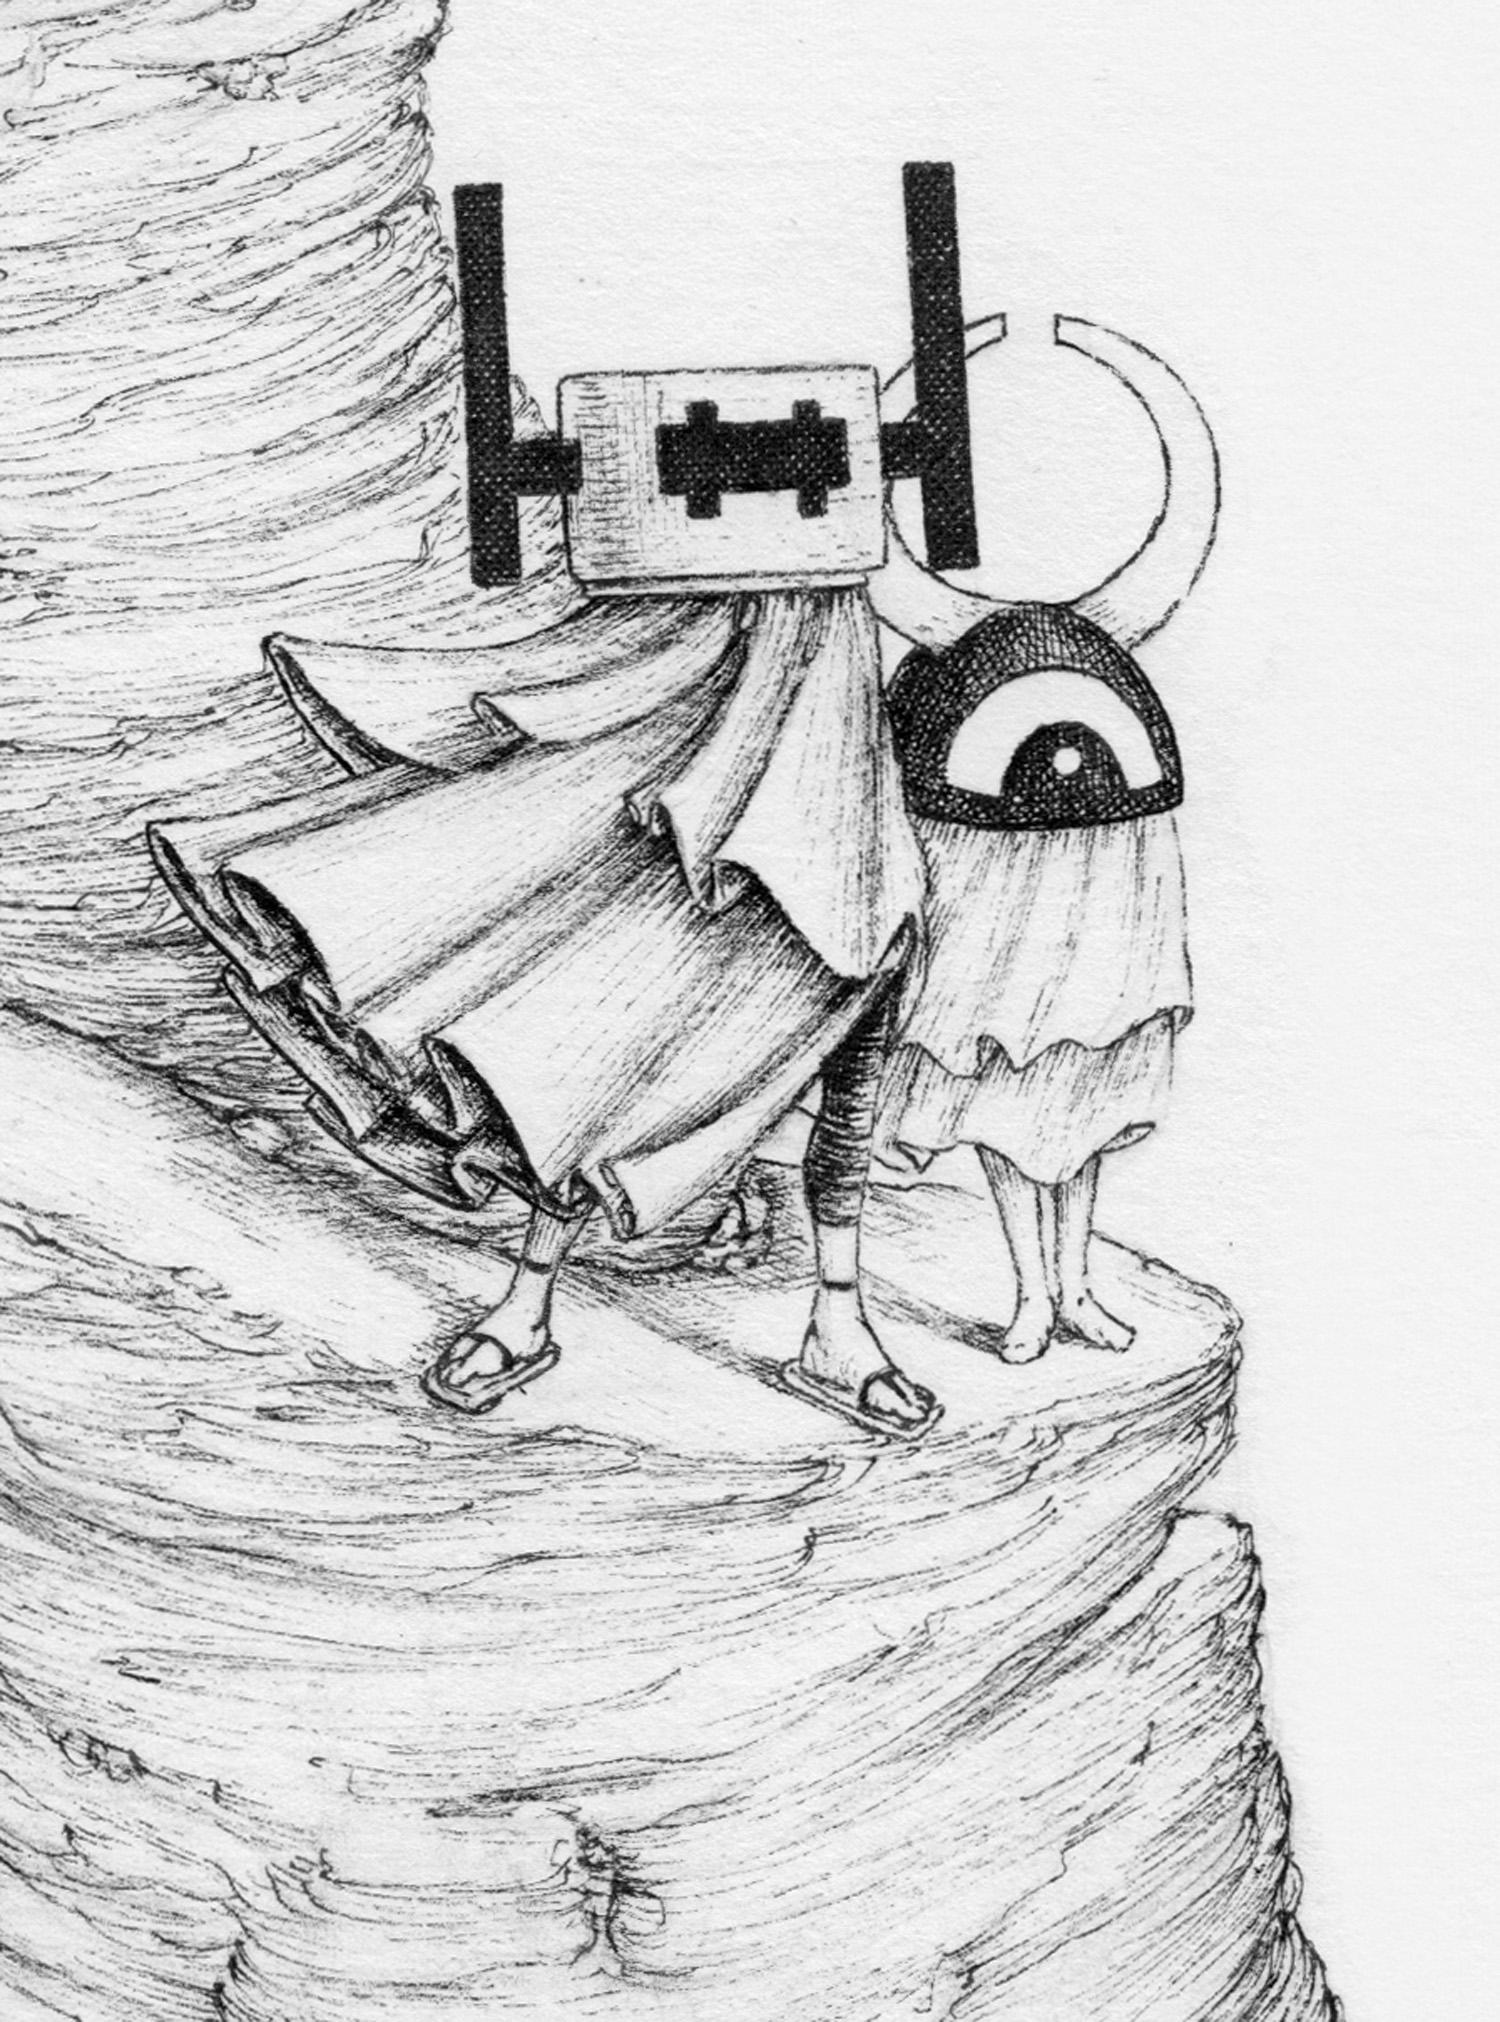 FloatingIsland#18detweb7.jpg